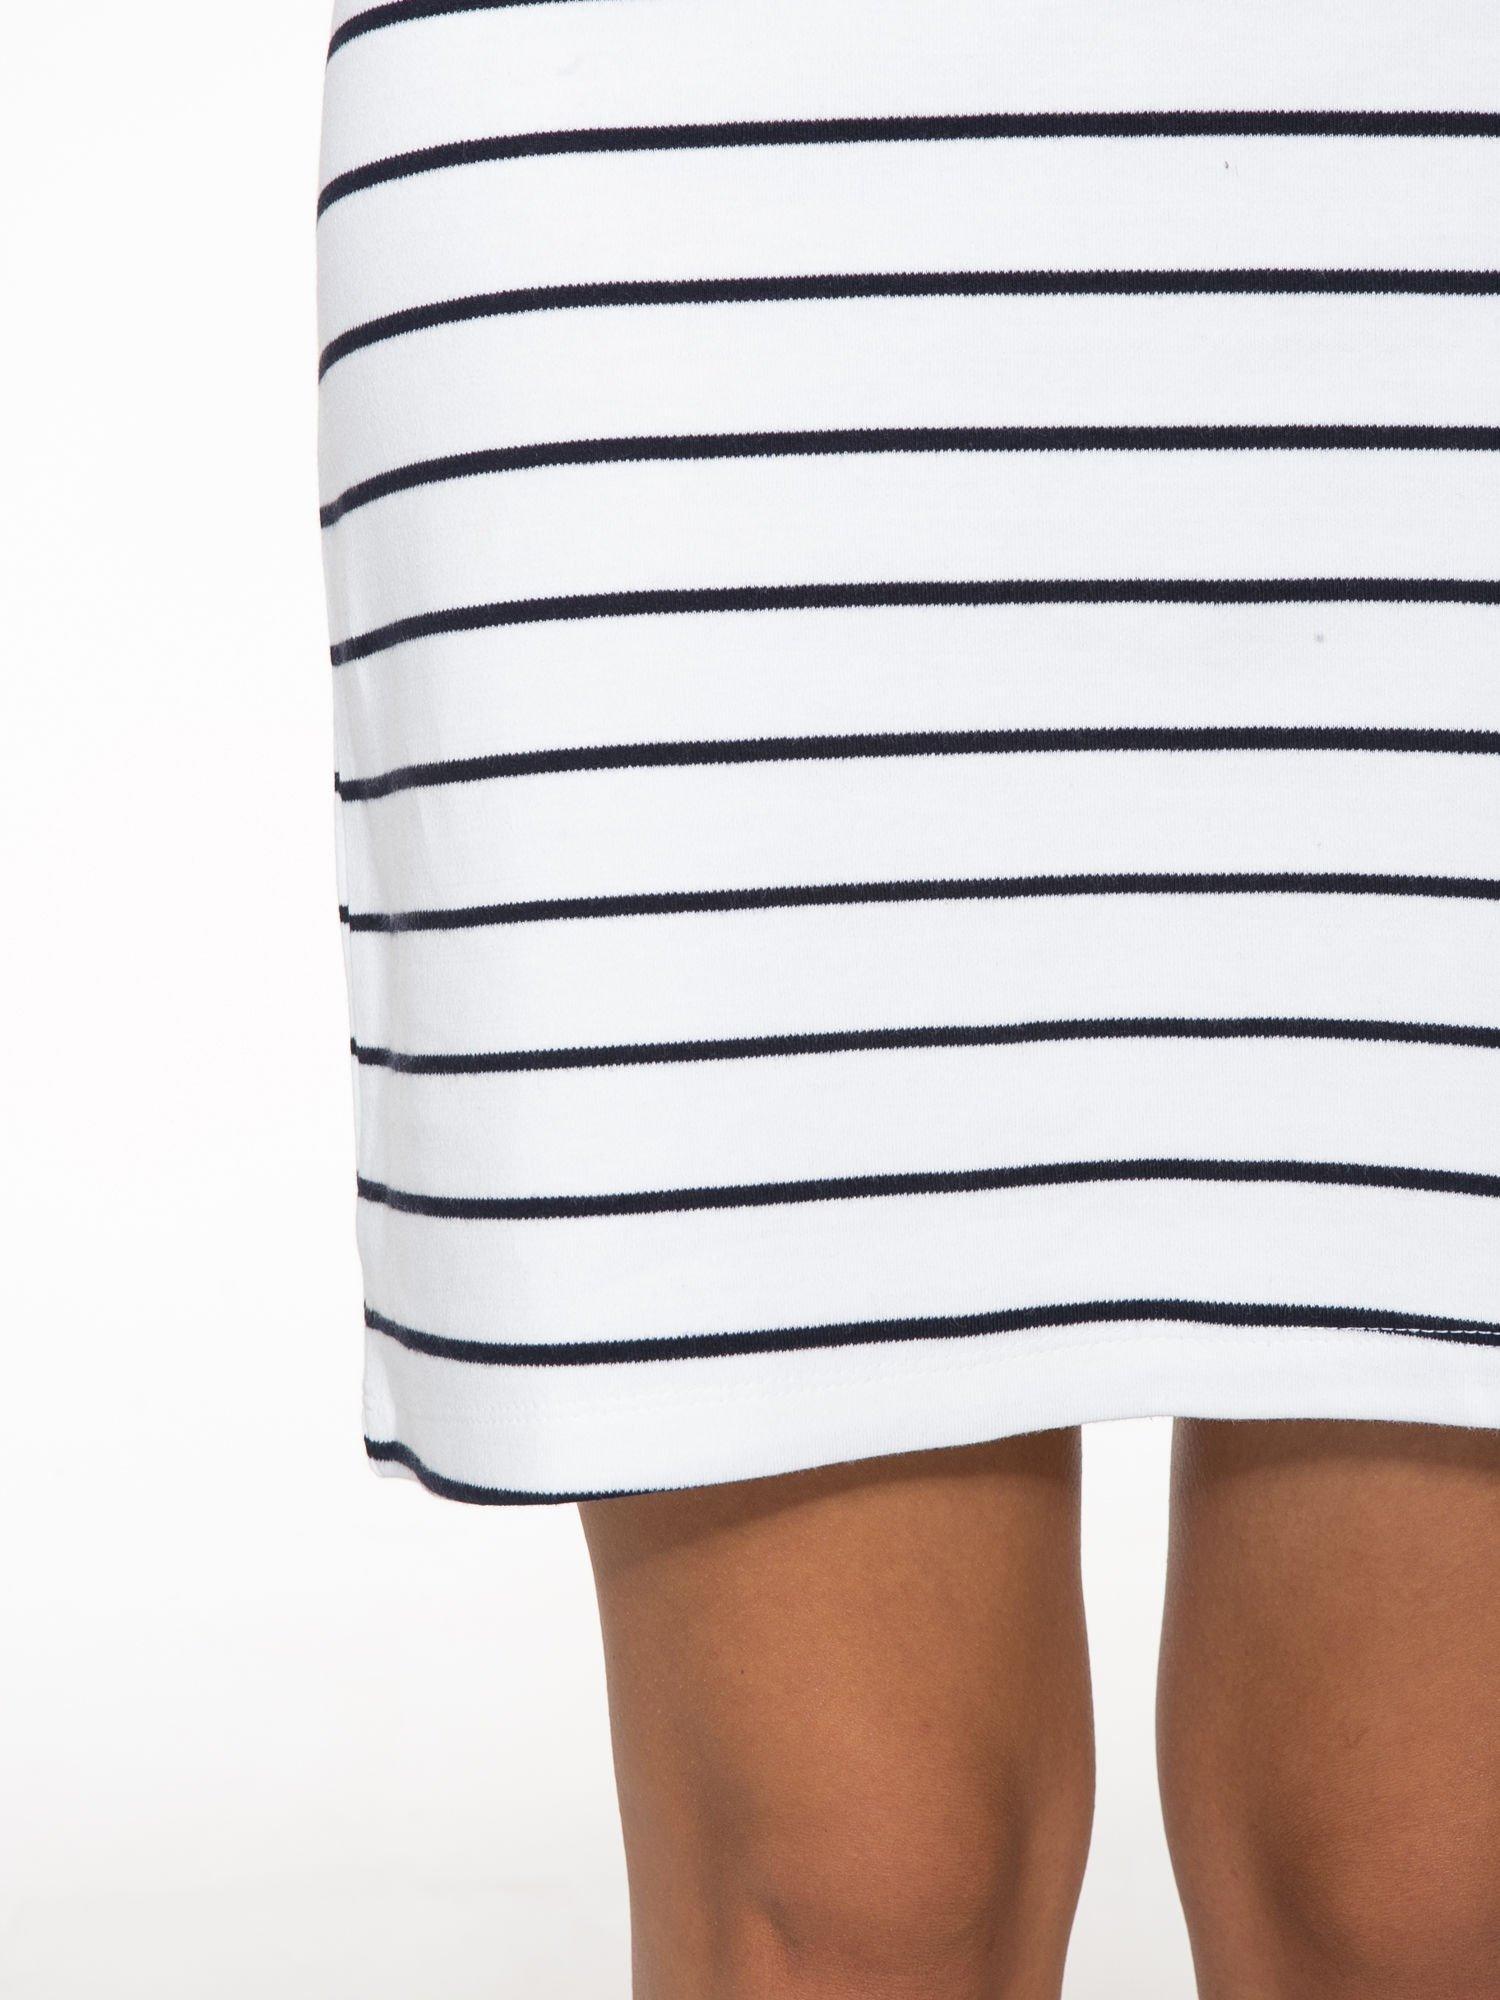 Biała dopasowana sukienka w paski z rozporkiem na dole                                  zdj.                                  7